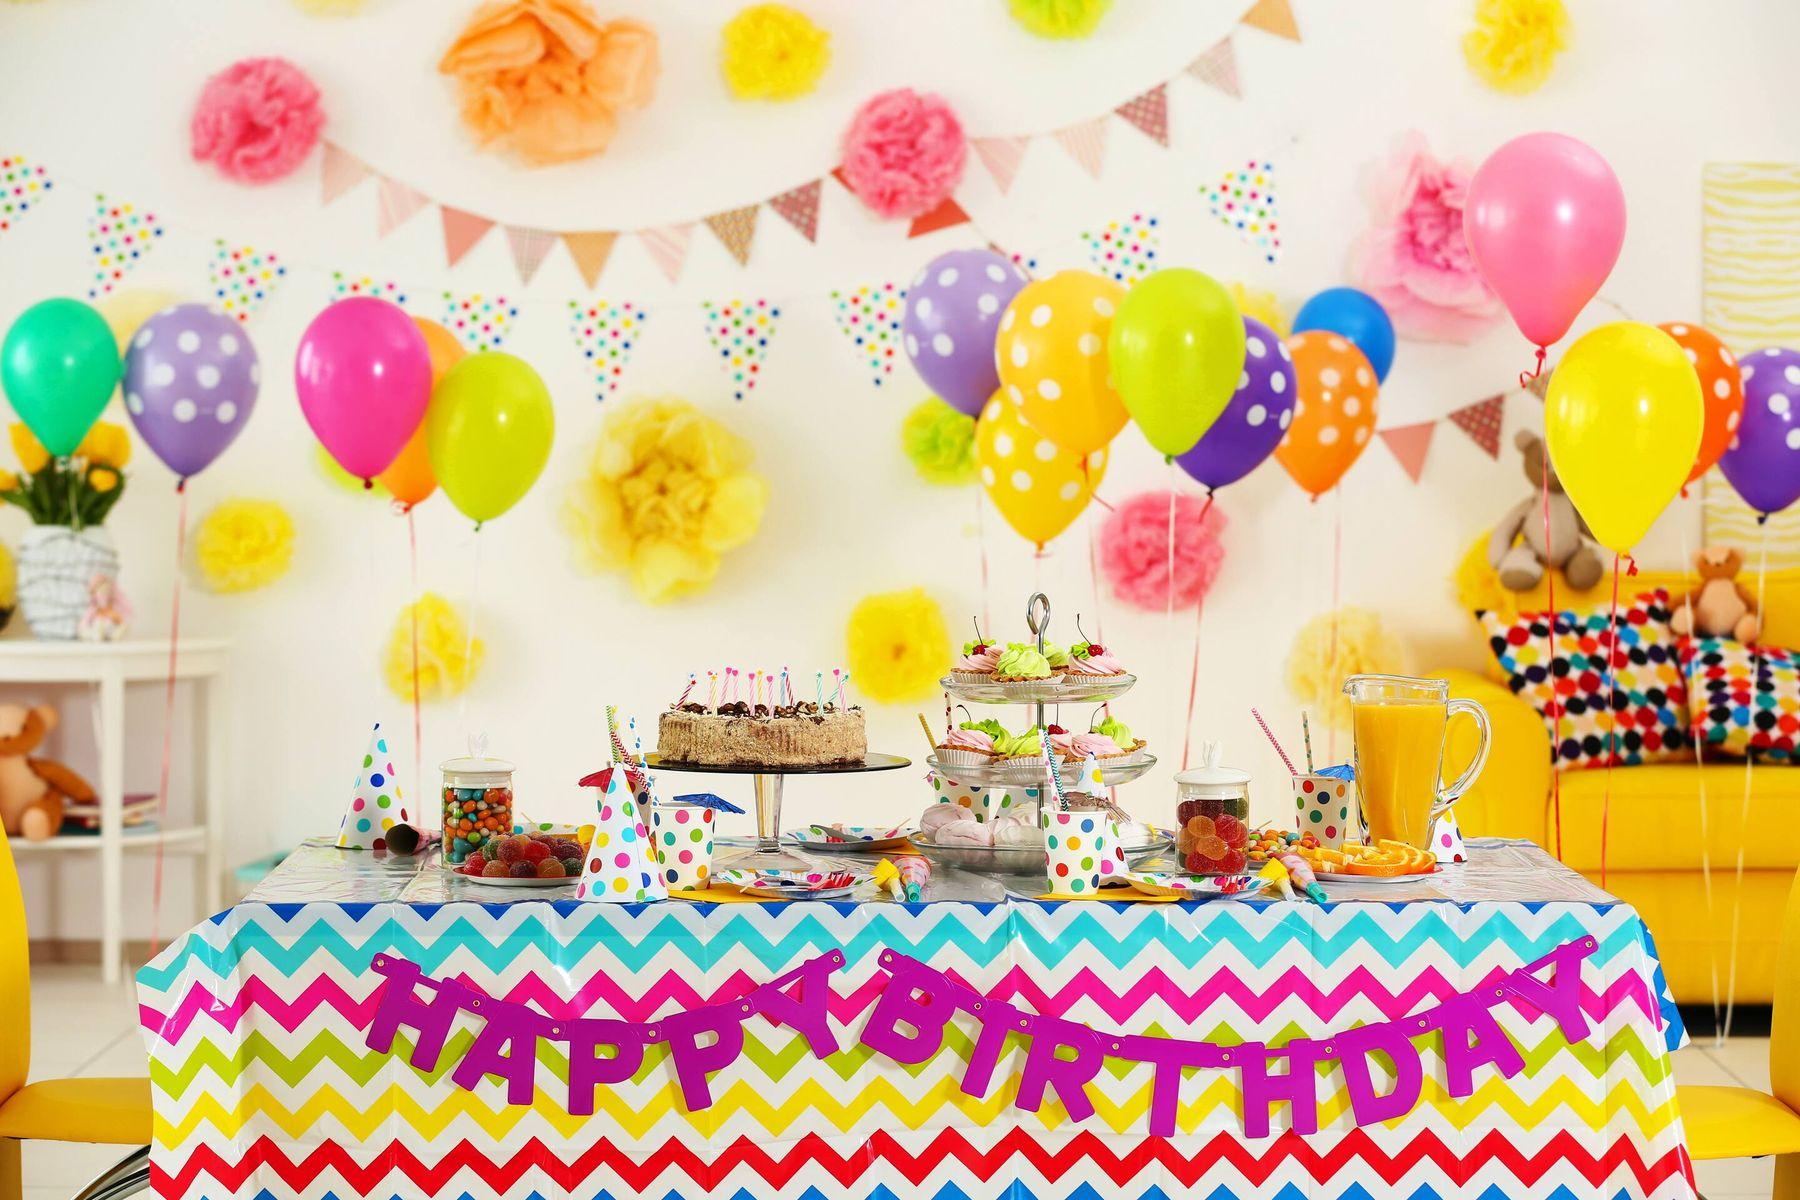 Ide-ide menarik untuk dekorasi ulang tahun anak di rumah